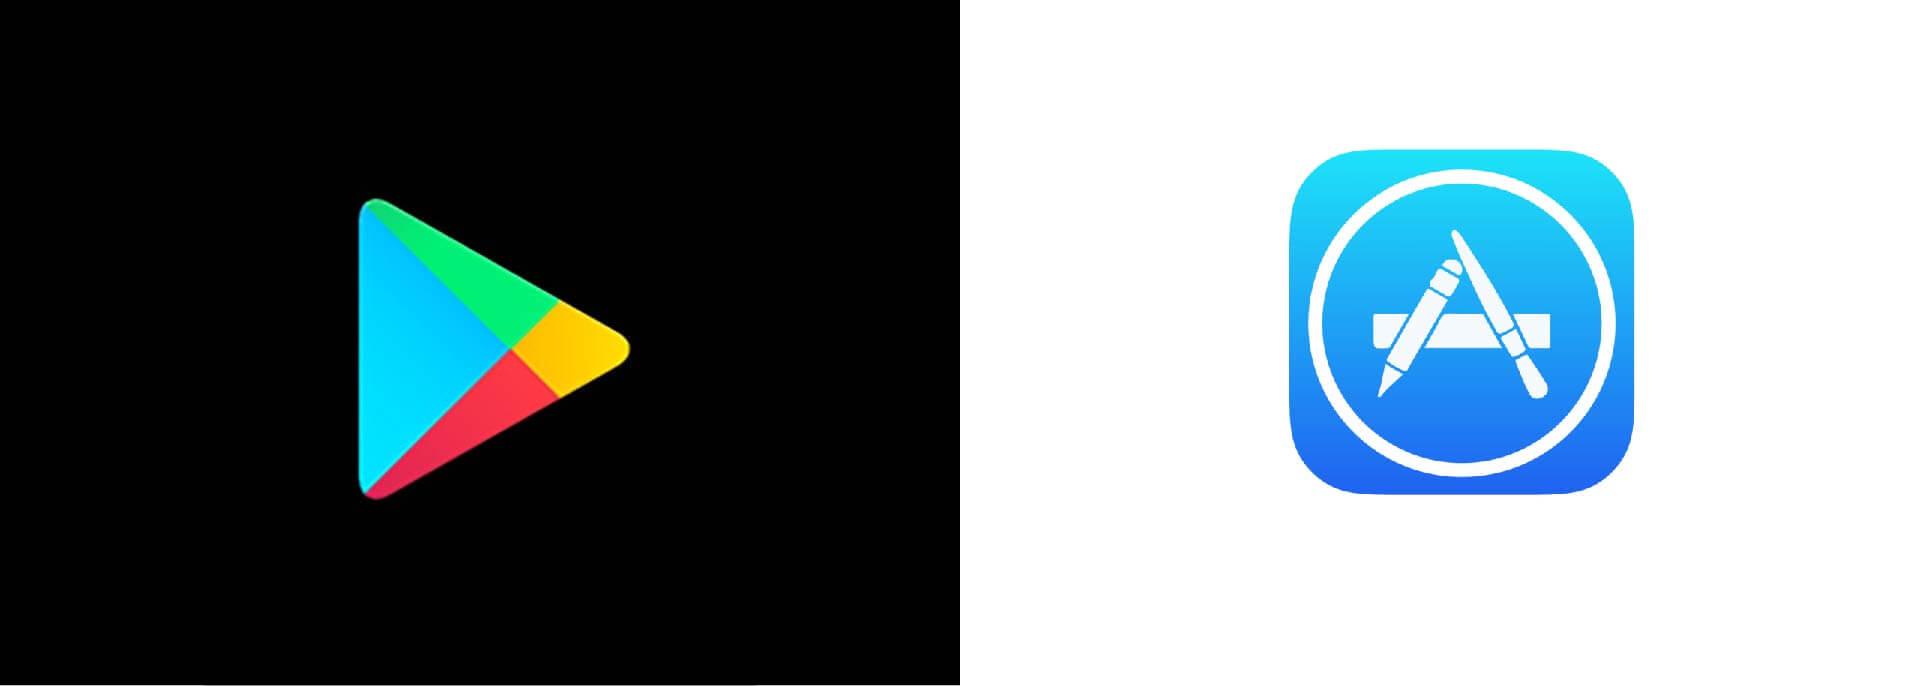 iOSとAndroidでの違い